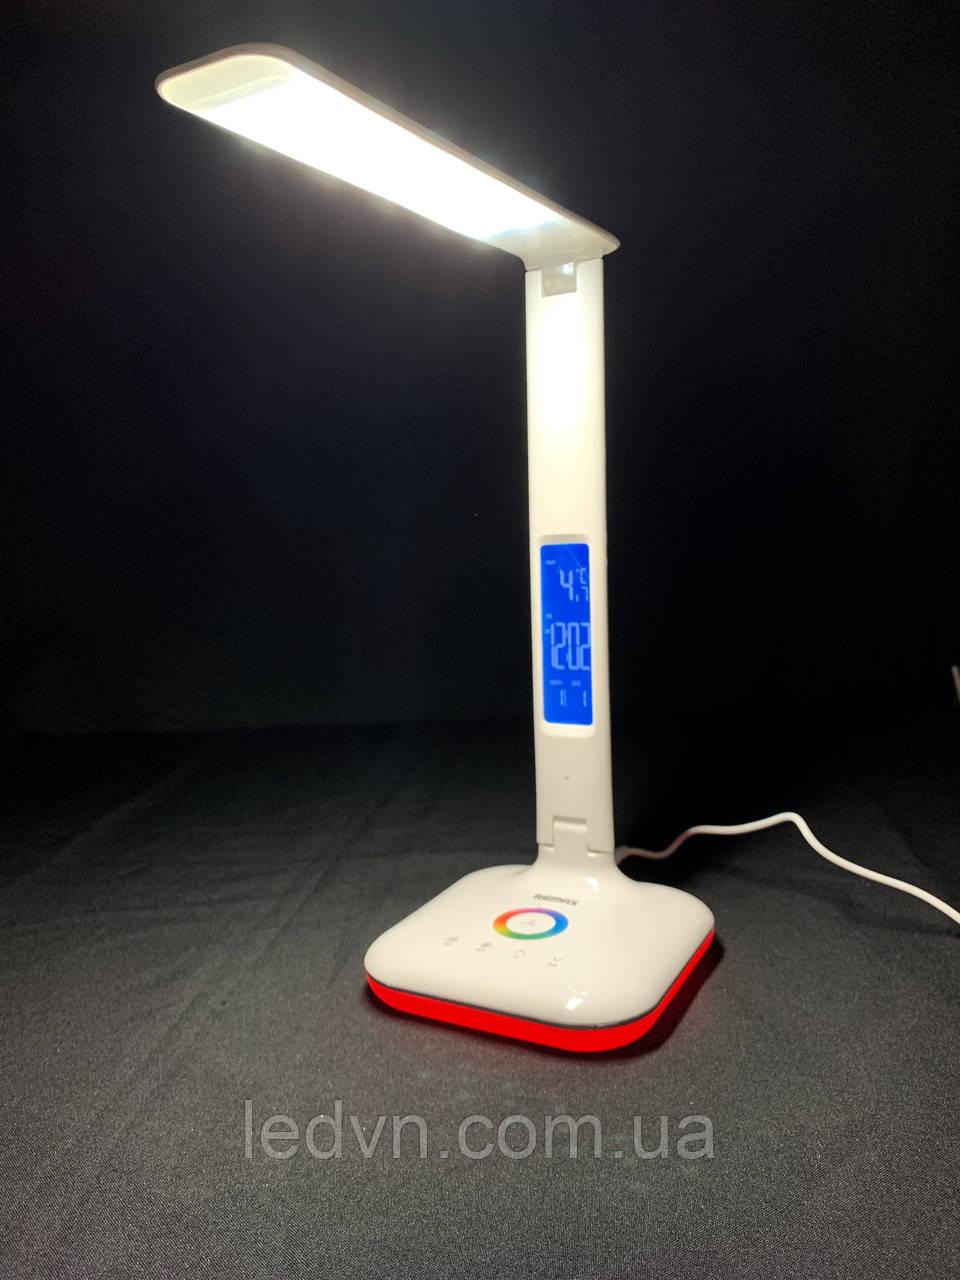 Настольная LED RGD лампа 6W сенсорная, белая